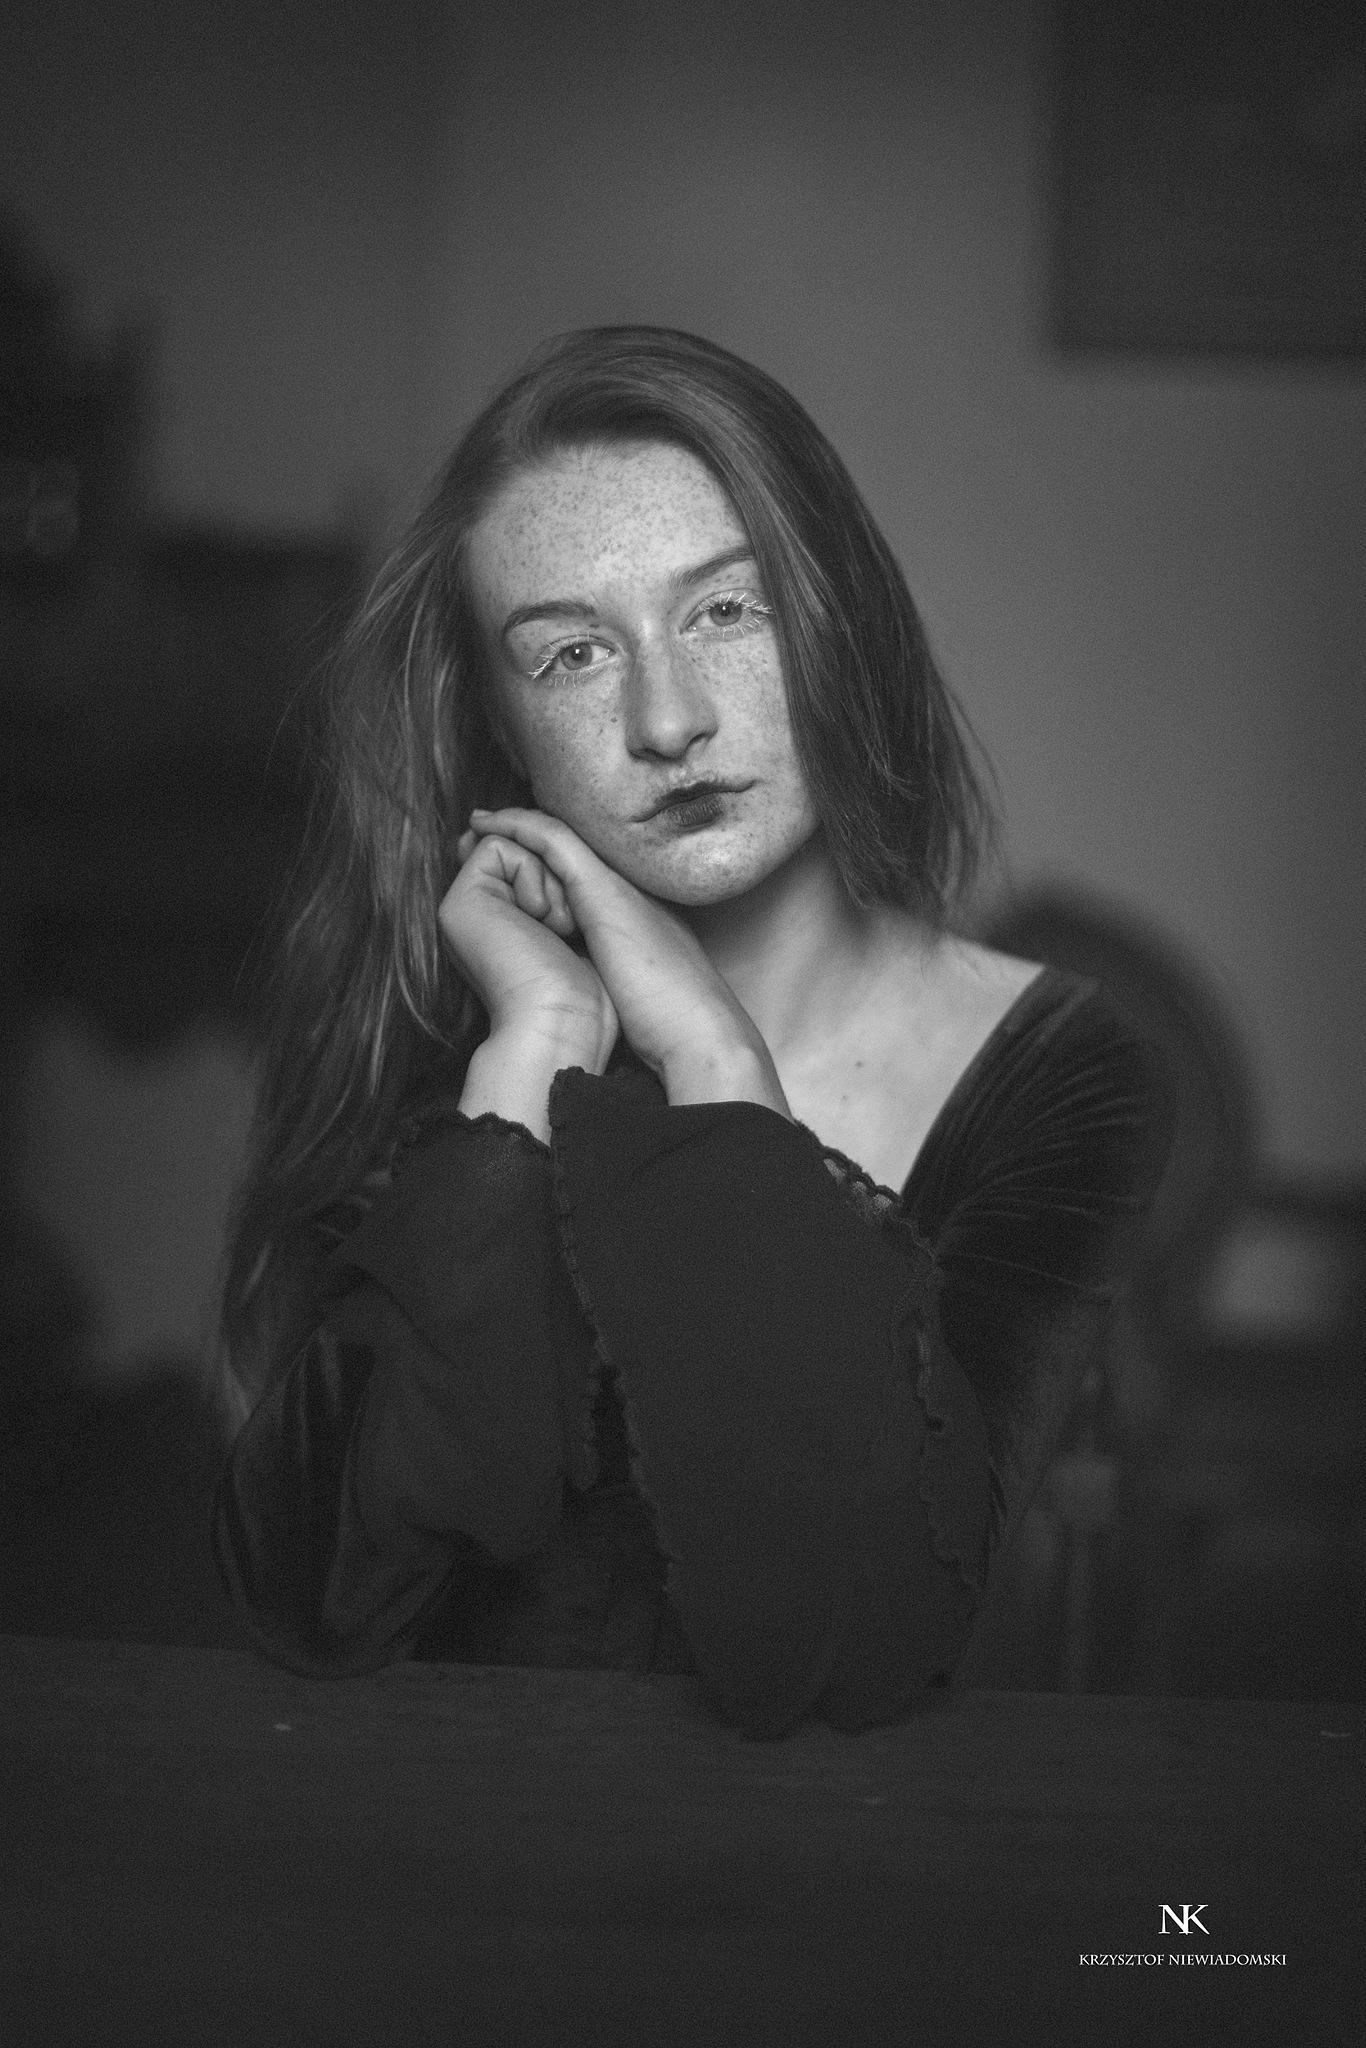 Amelia by Krzysztof Niewiadomski